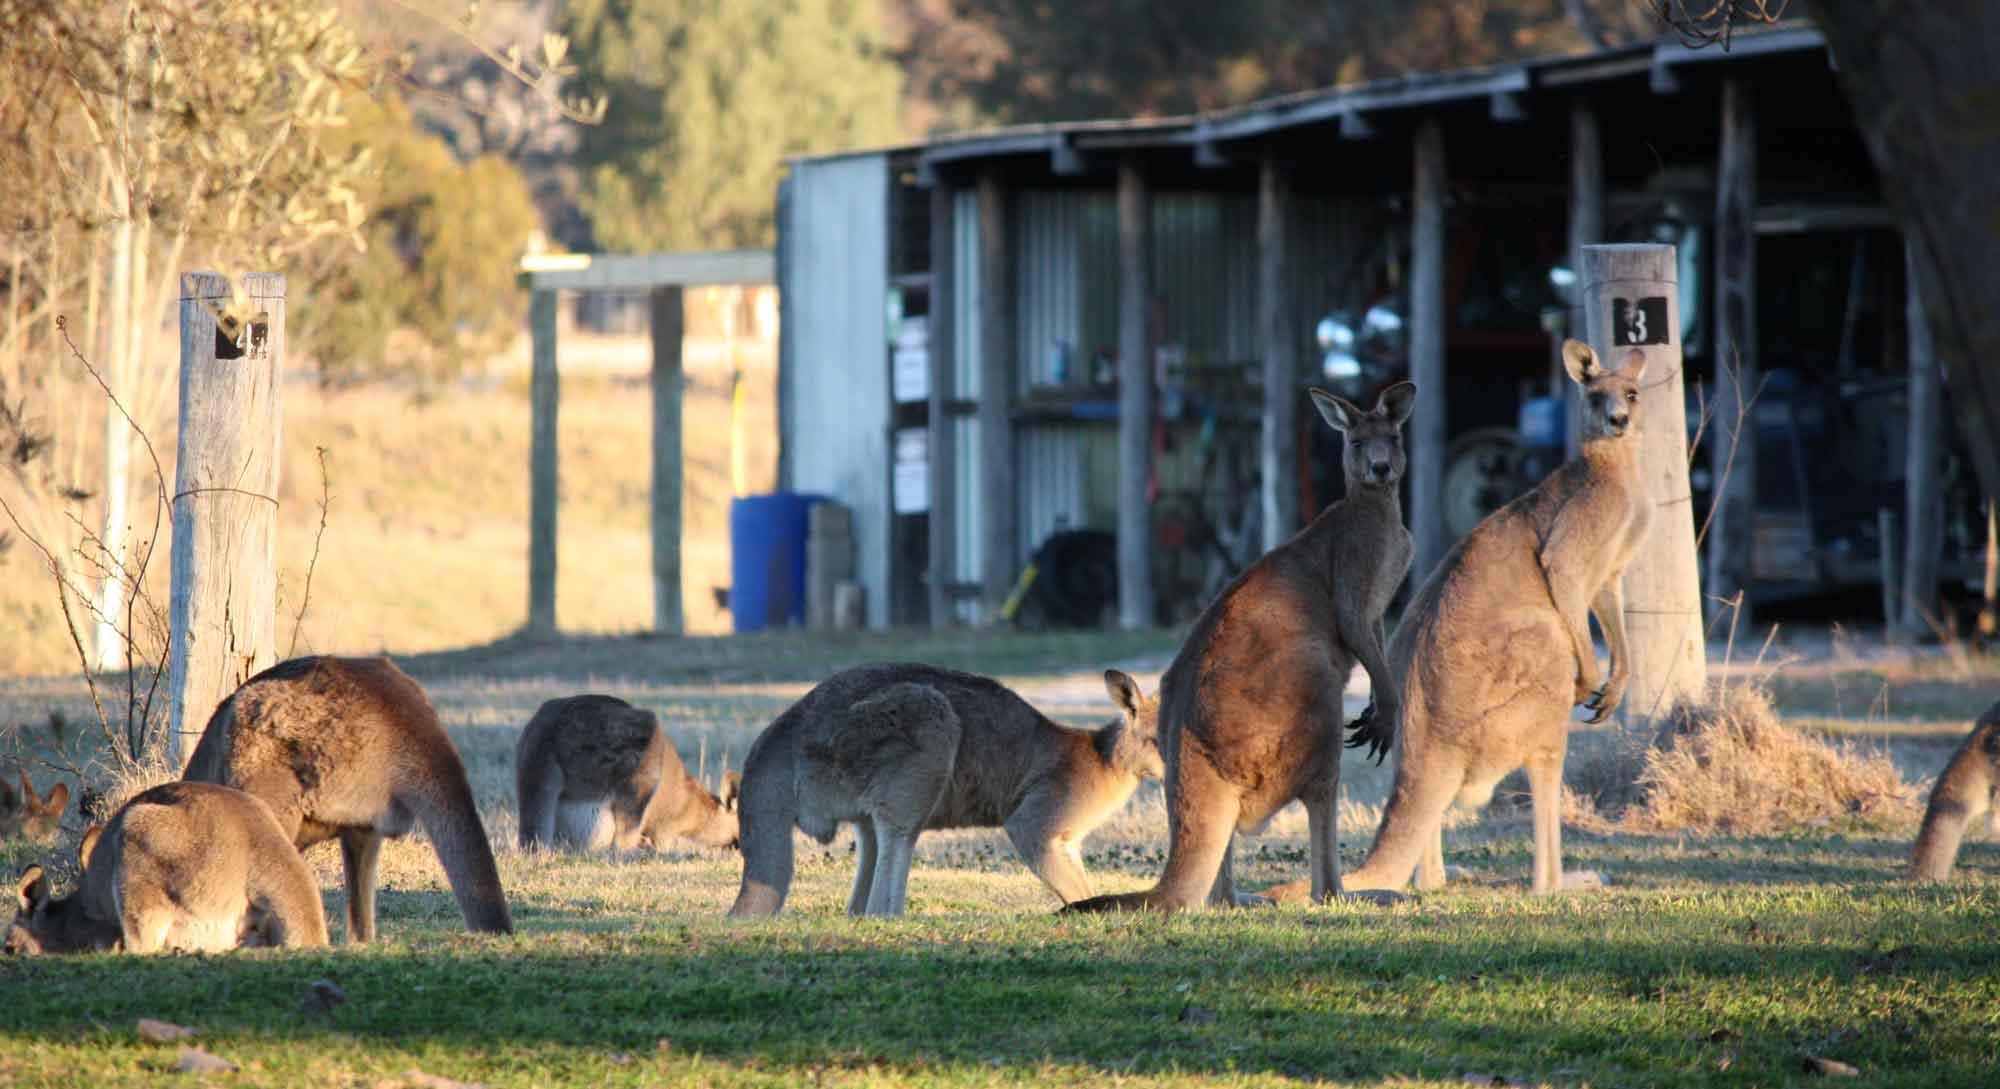 Kangaroos in the vineyard